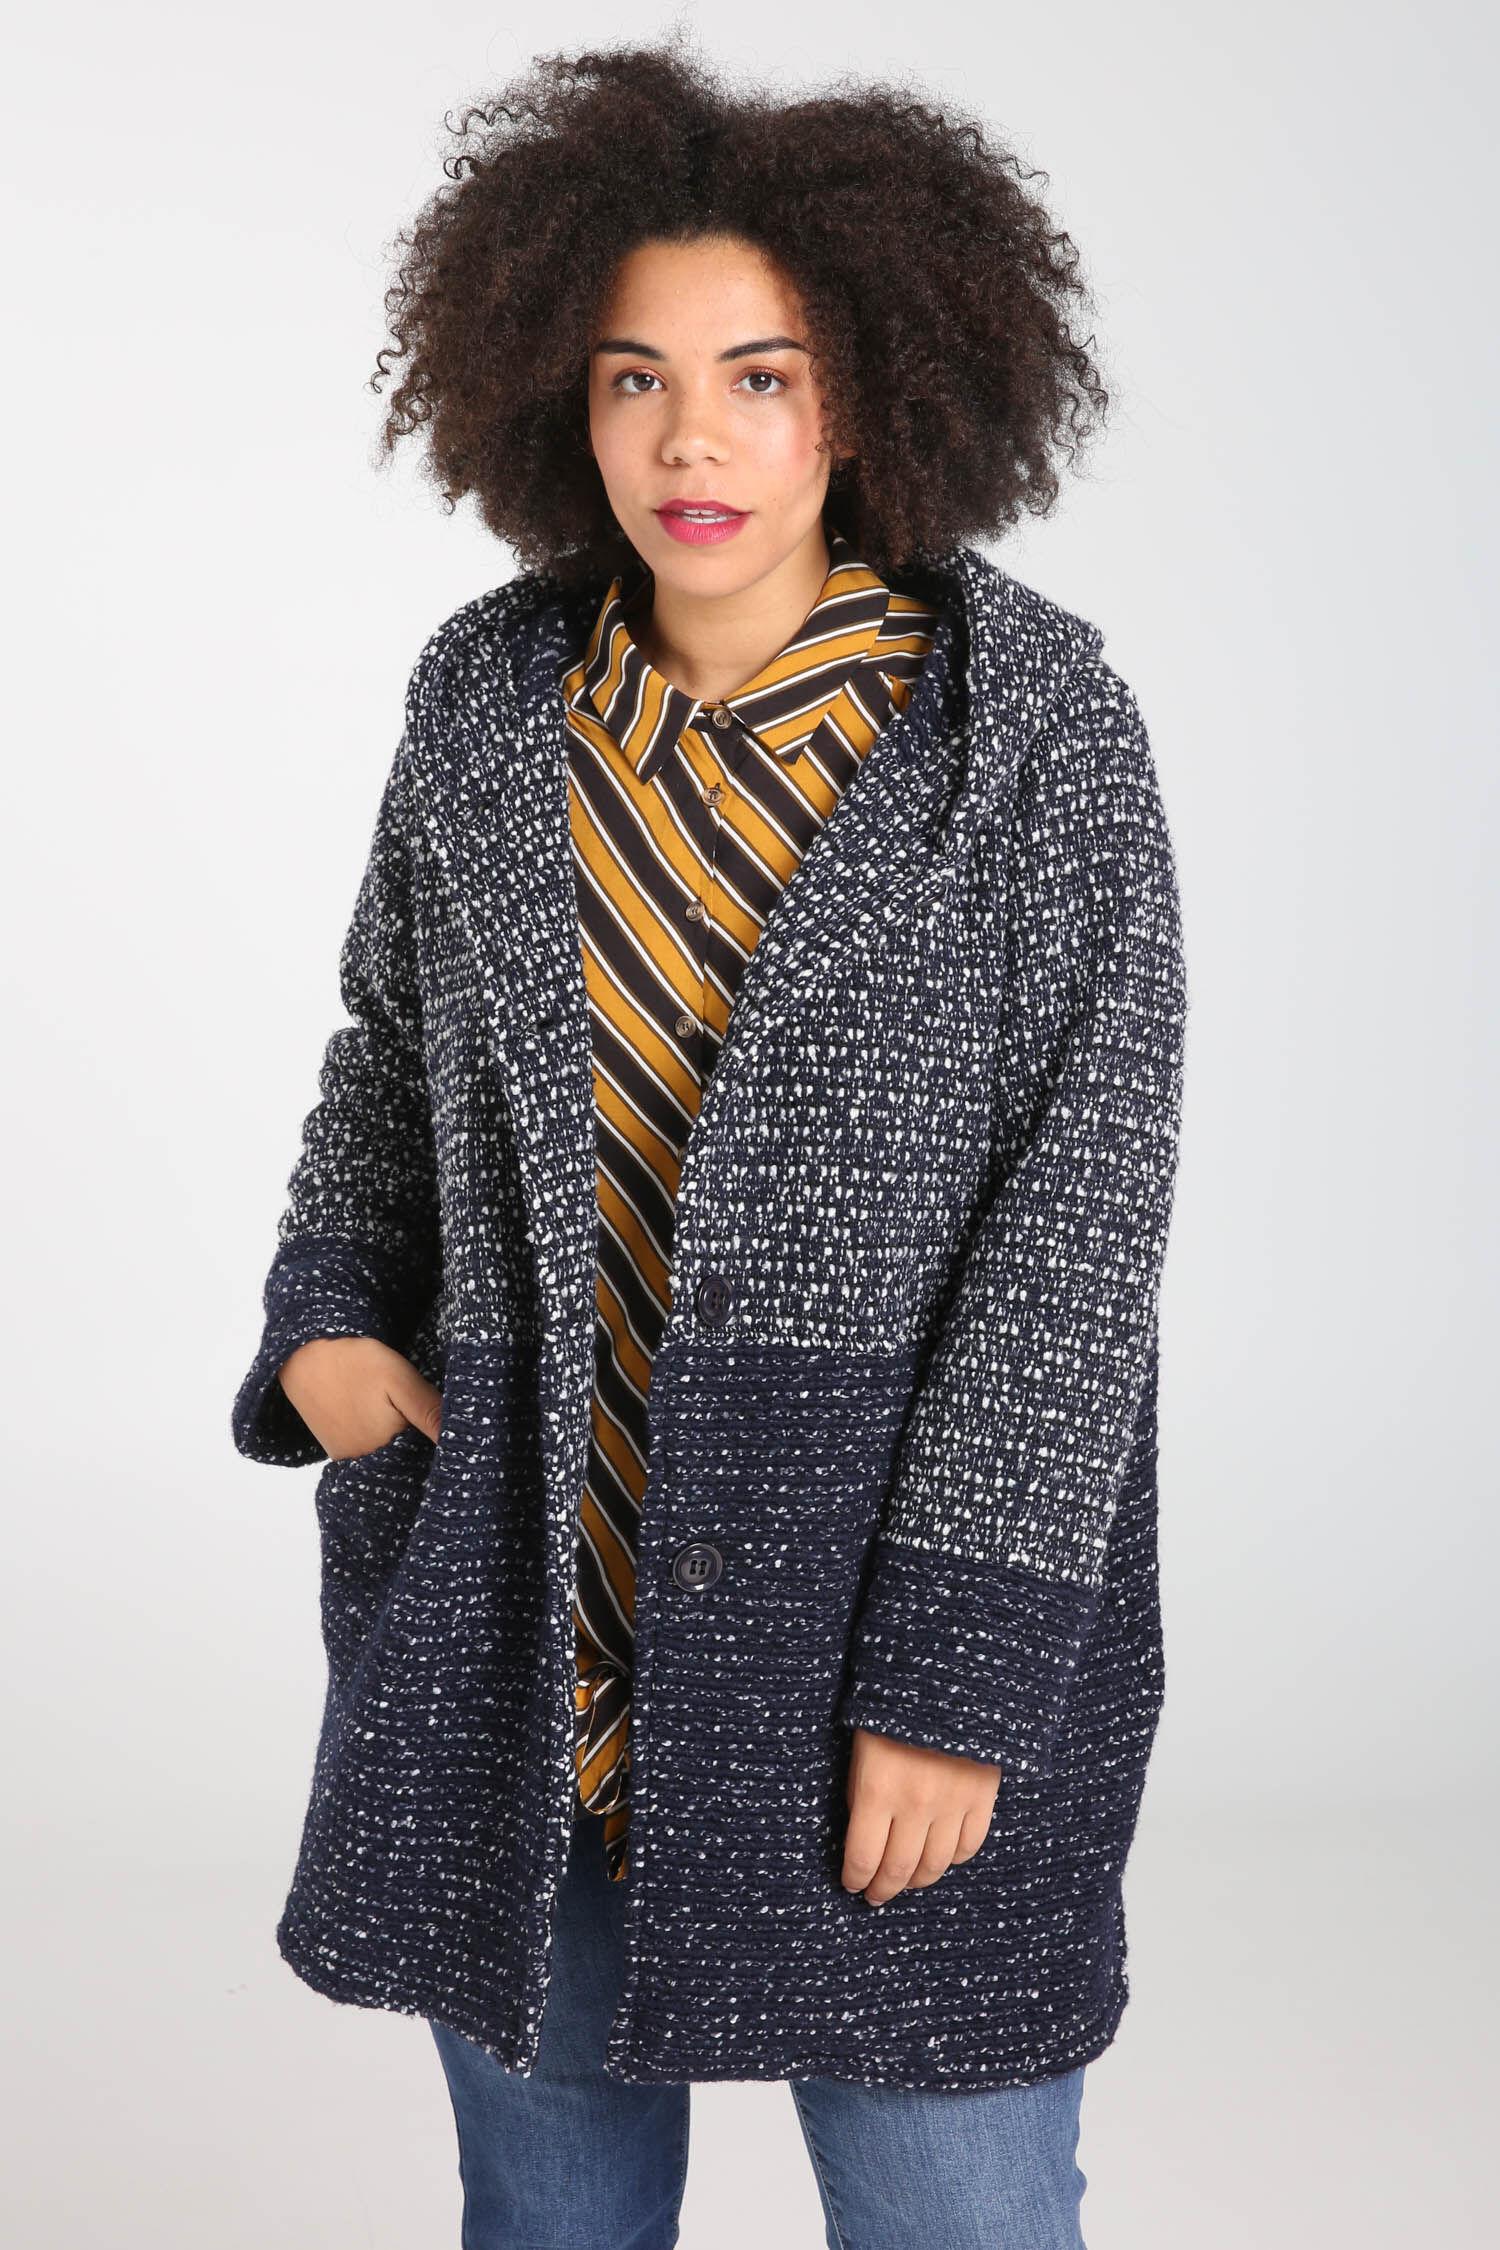 beste Qualität für fantastische Einsparungen wie kauft man Mode für Mollige online shoppen   XXL Mode bei Wundercurves